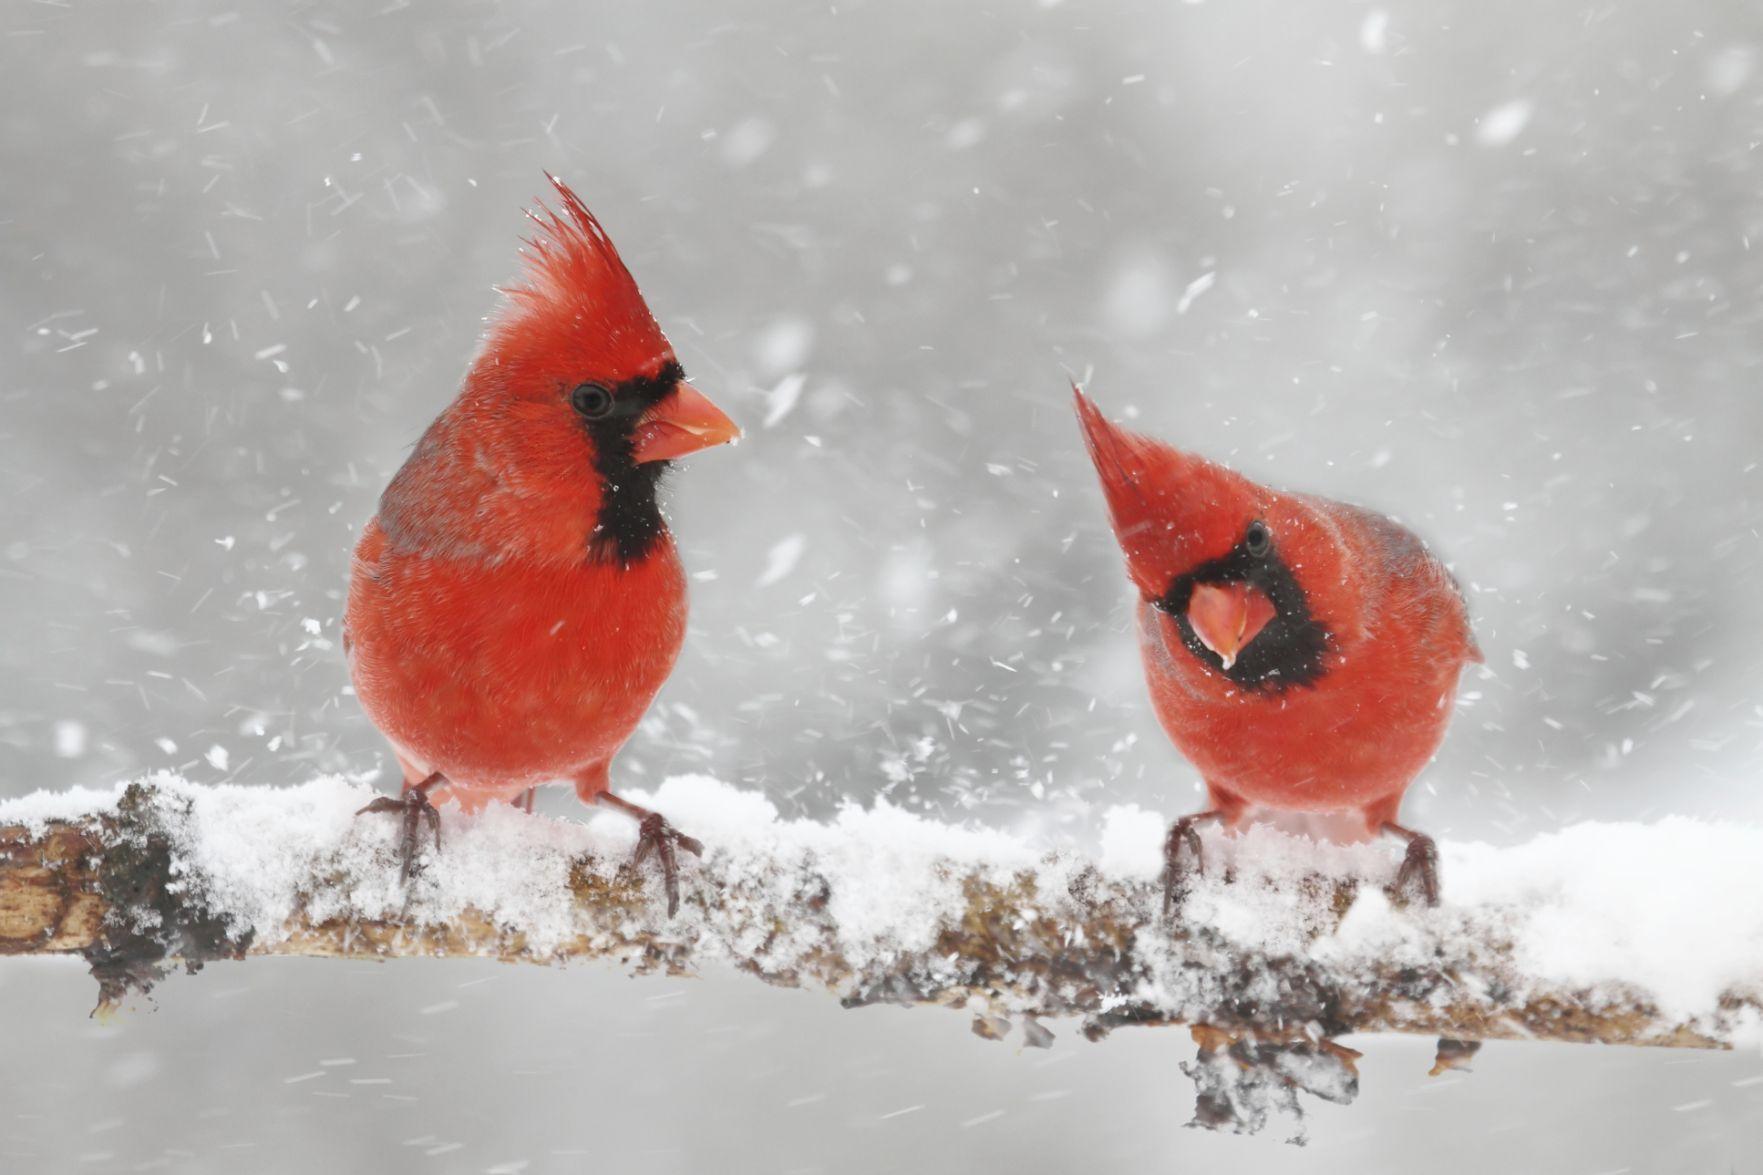 Como los humanos, no todos los pájaros se aparean para la vida | Estilo de vida | crowrivermedia.com